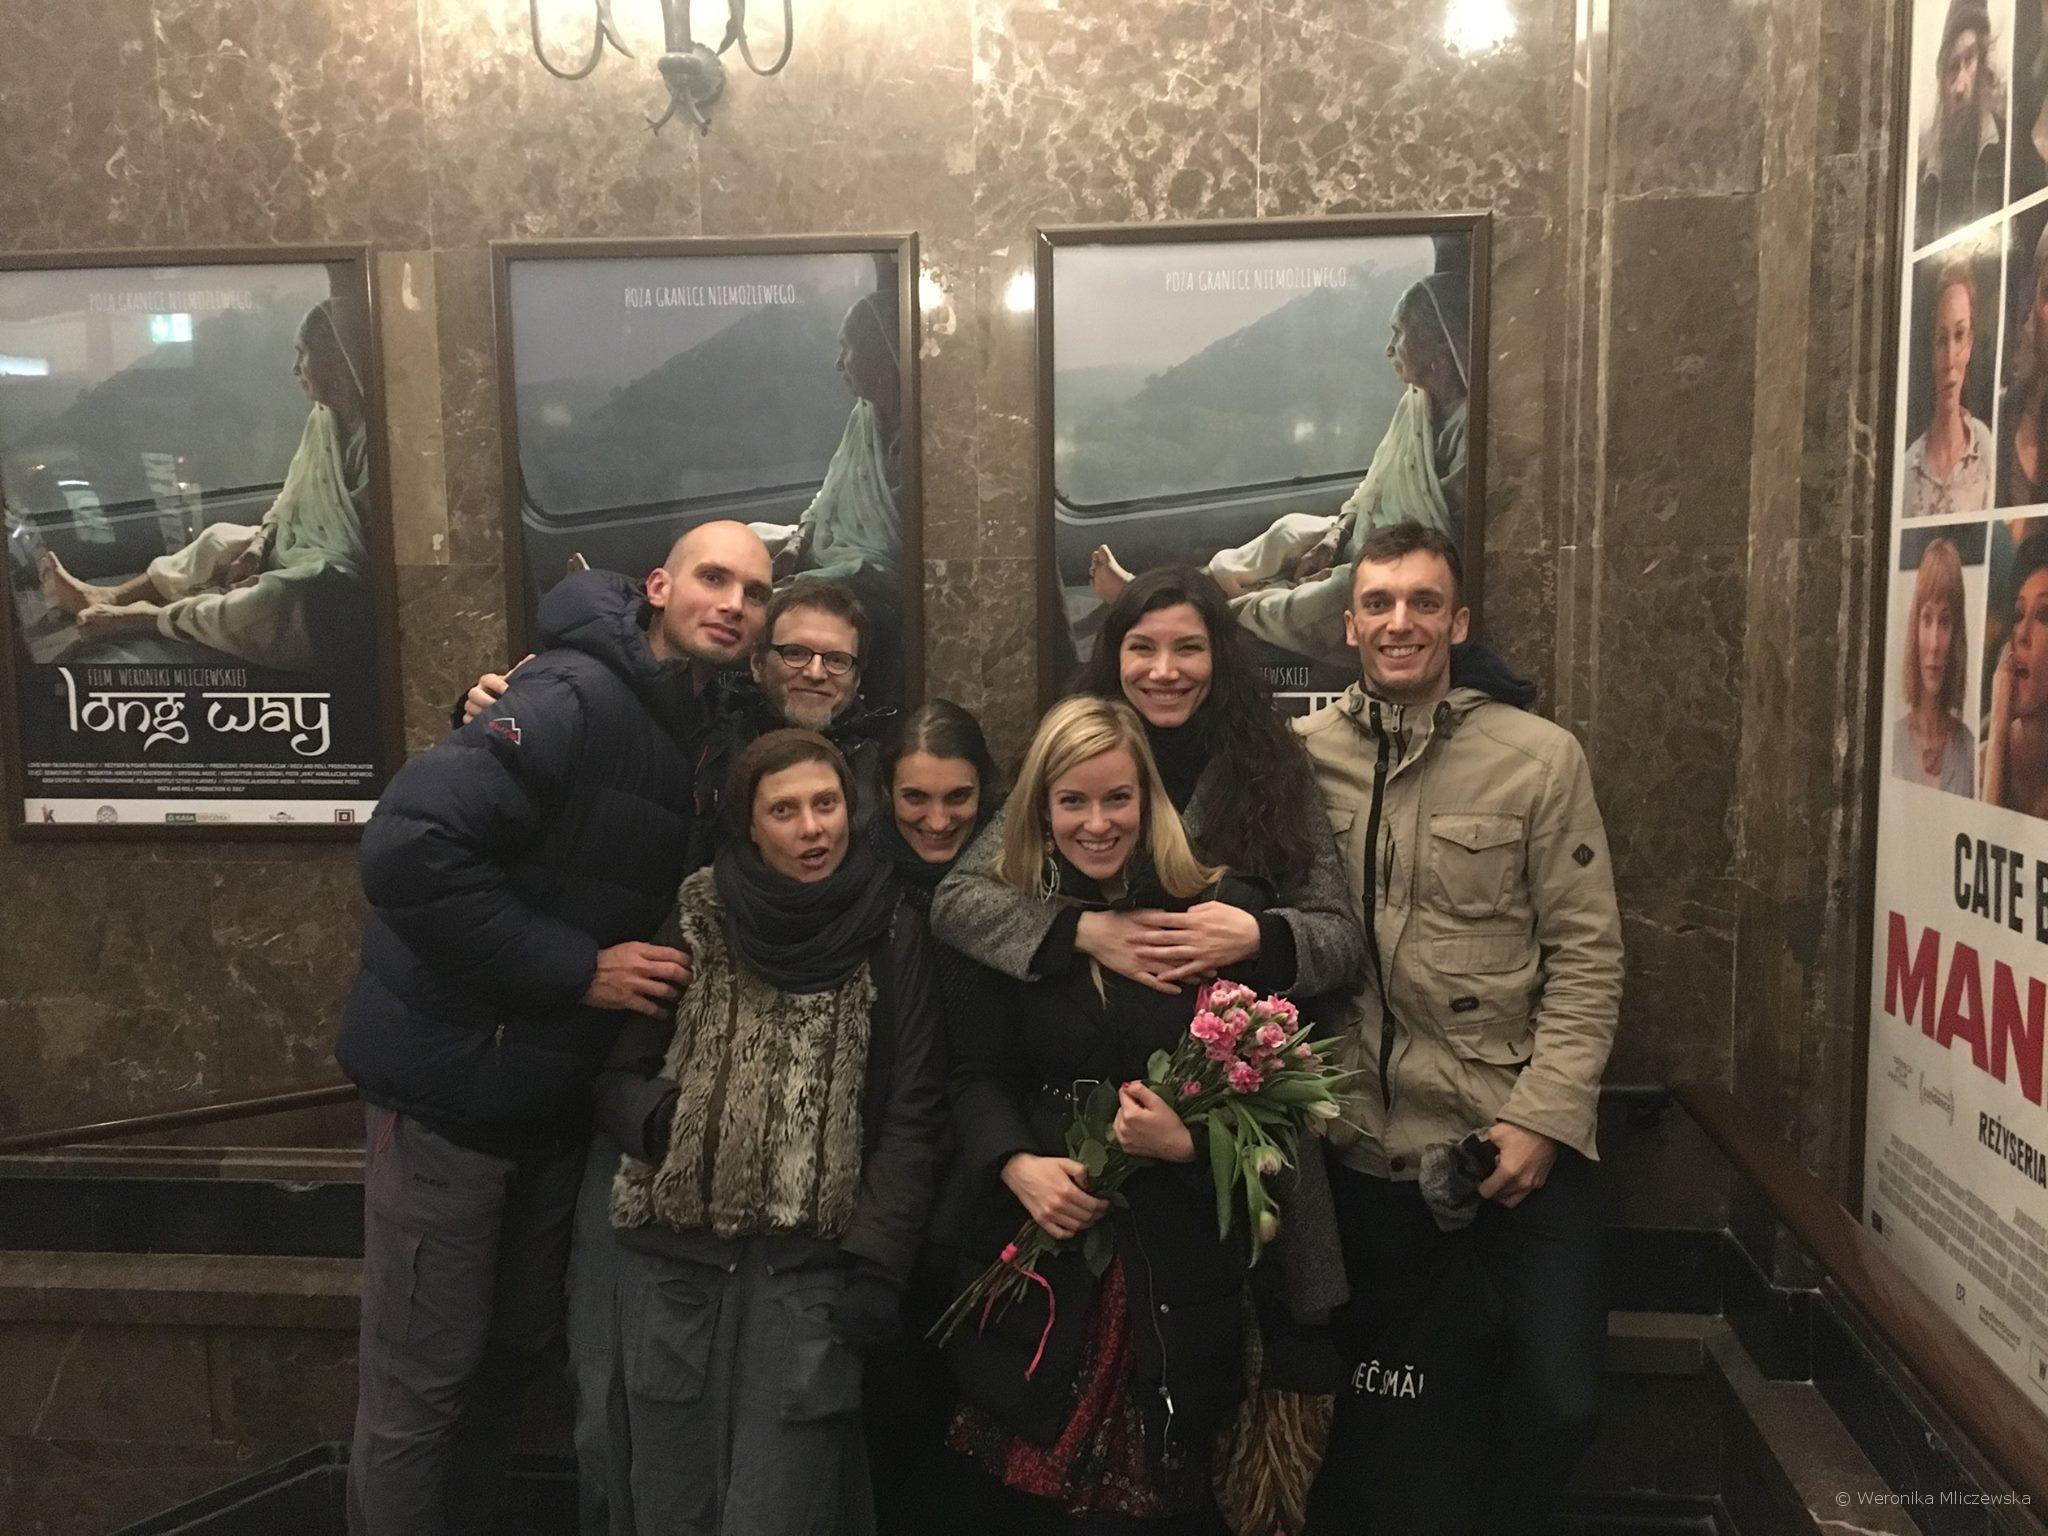 weronika mliczewska, long way, kino muranów, festiwal pięć smaków, veroetnika